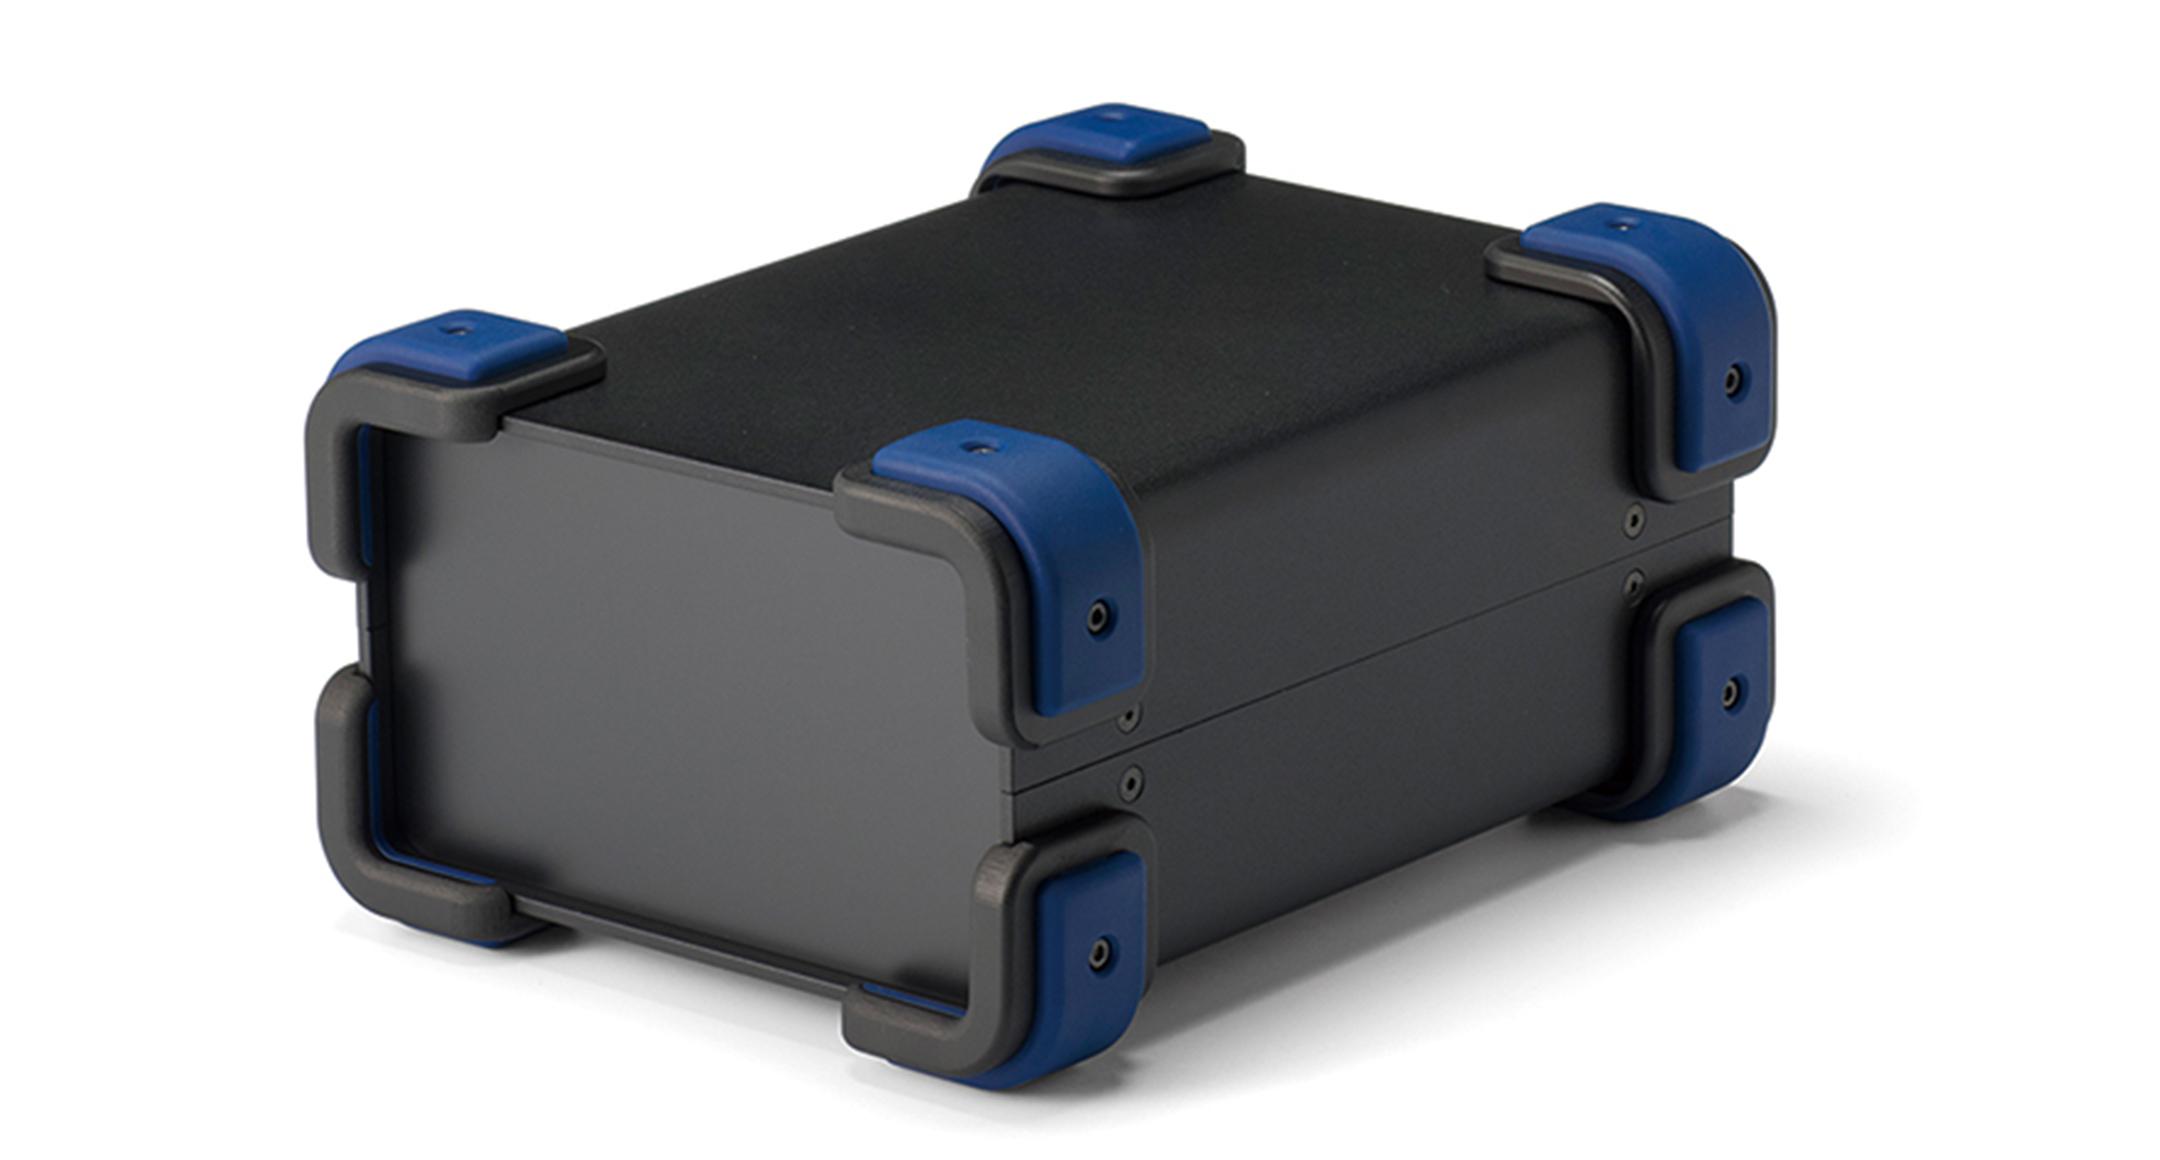 コーナーガード付フリーサイズケース UCGSシリーズ:ブラック/ネイビーの画像